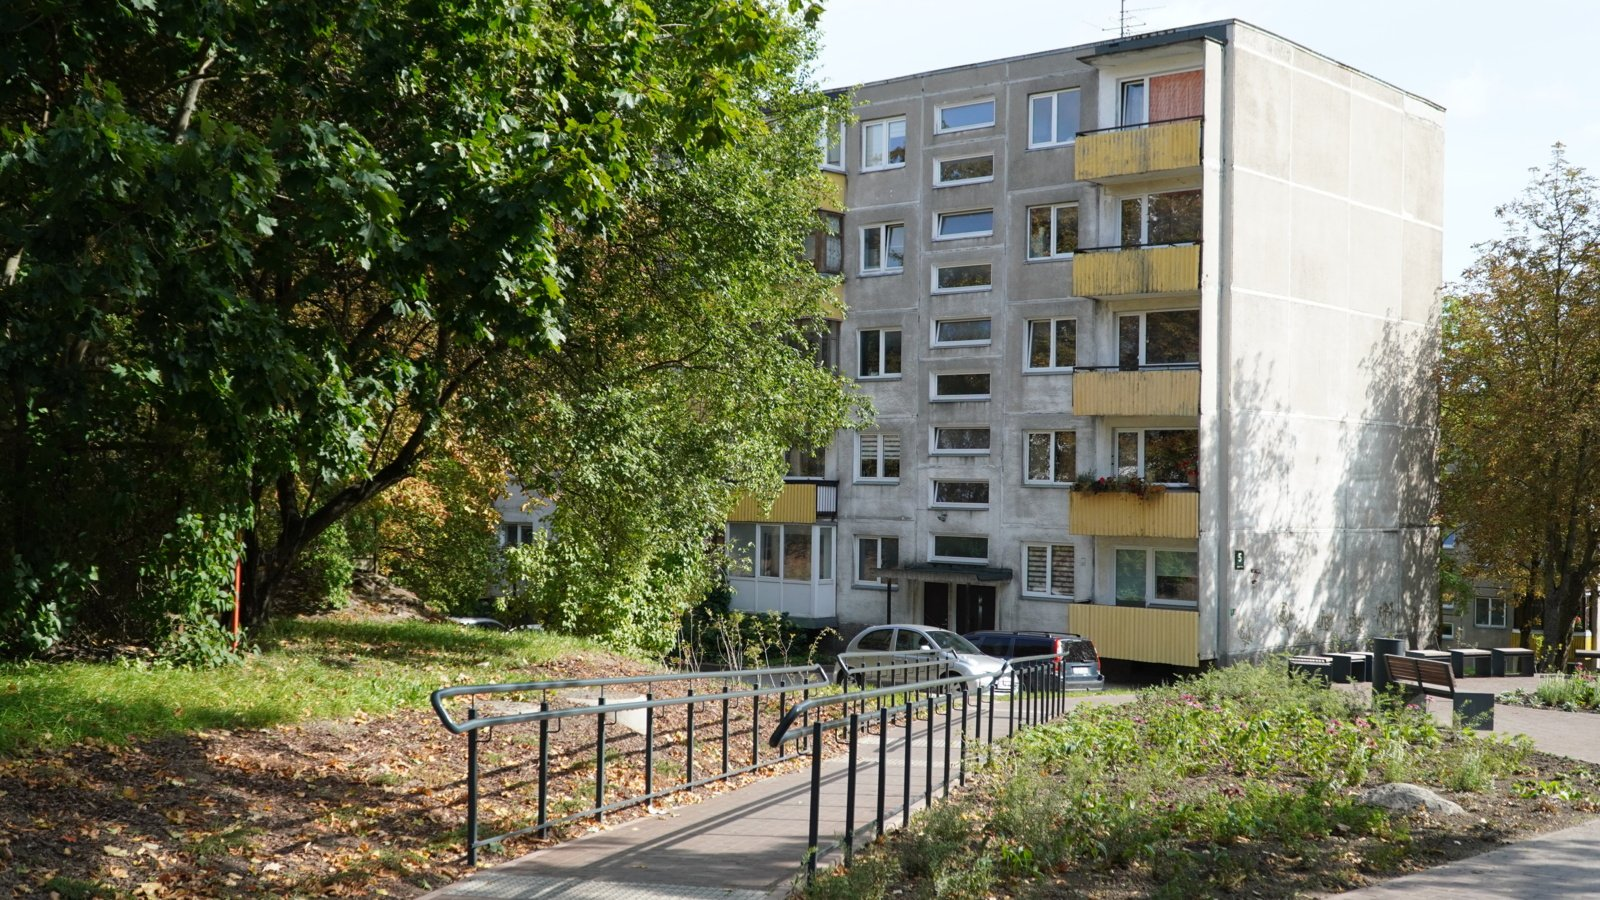 Siūlomi pokyčiai padės lengviau įsigyti būstą ir pagerins socialinio ar savivaldybės būsto nuomos sąlygas